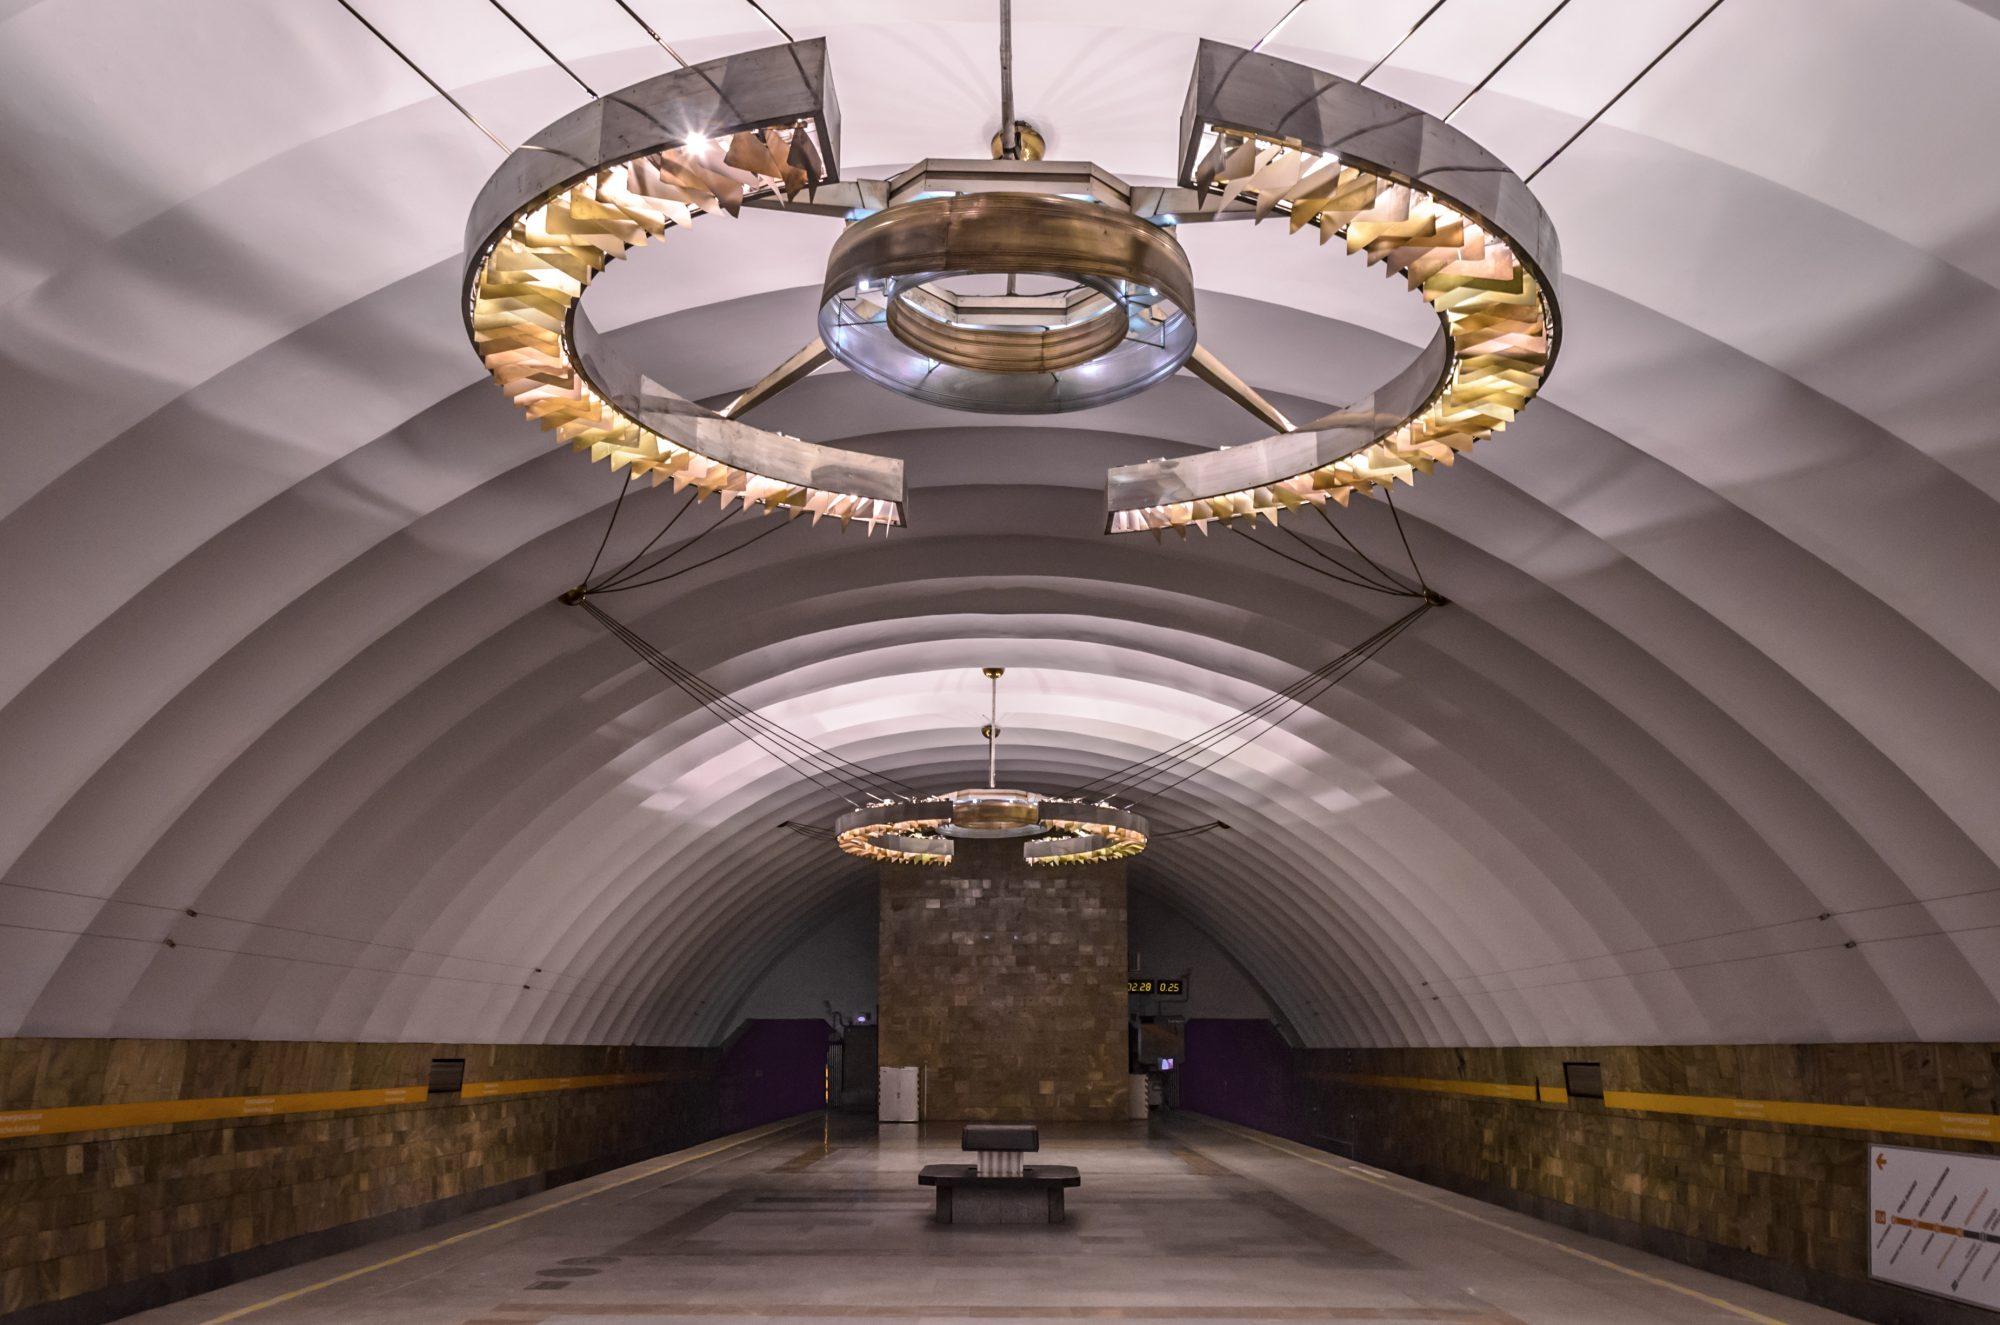 Estação de metro de Novocherkasskaya, em São Petersburgo. / Observador